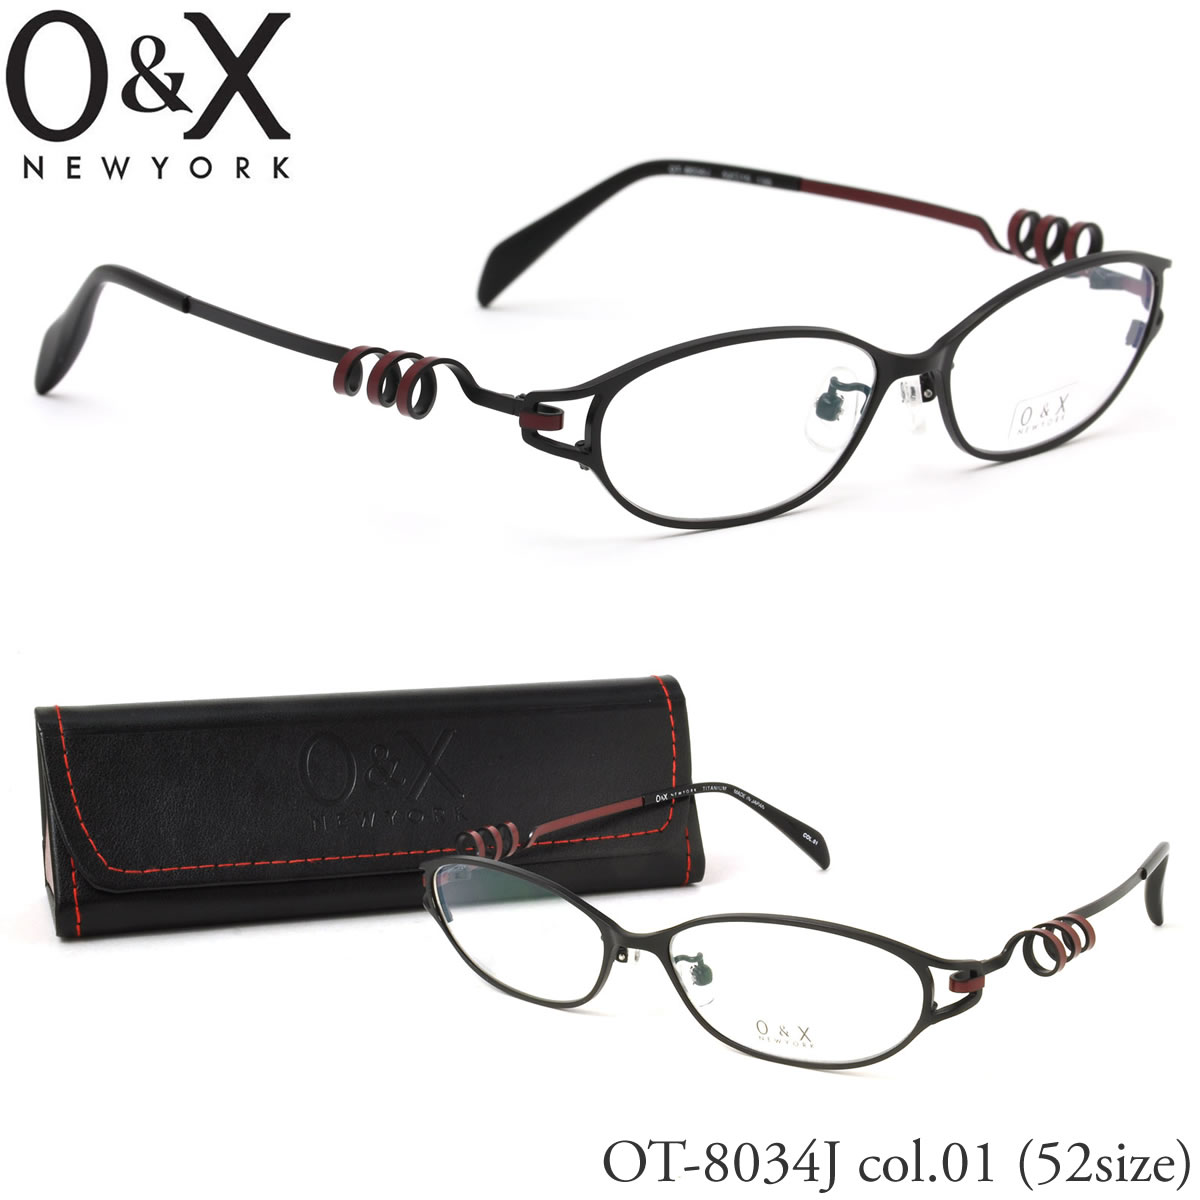 【10月30日からエントリーで全品ポイント20倍】【O&X】(オーアンドエックス) メガネ フレーム OT 8034J 01 52サイズ フォックス βTITANIUM ベータチタン 日本製 シートメタル オーアンドエックス O&X メンズ レディース